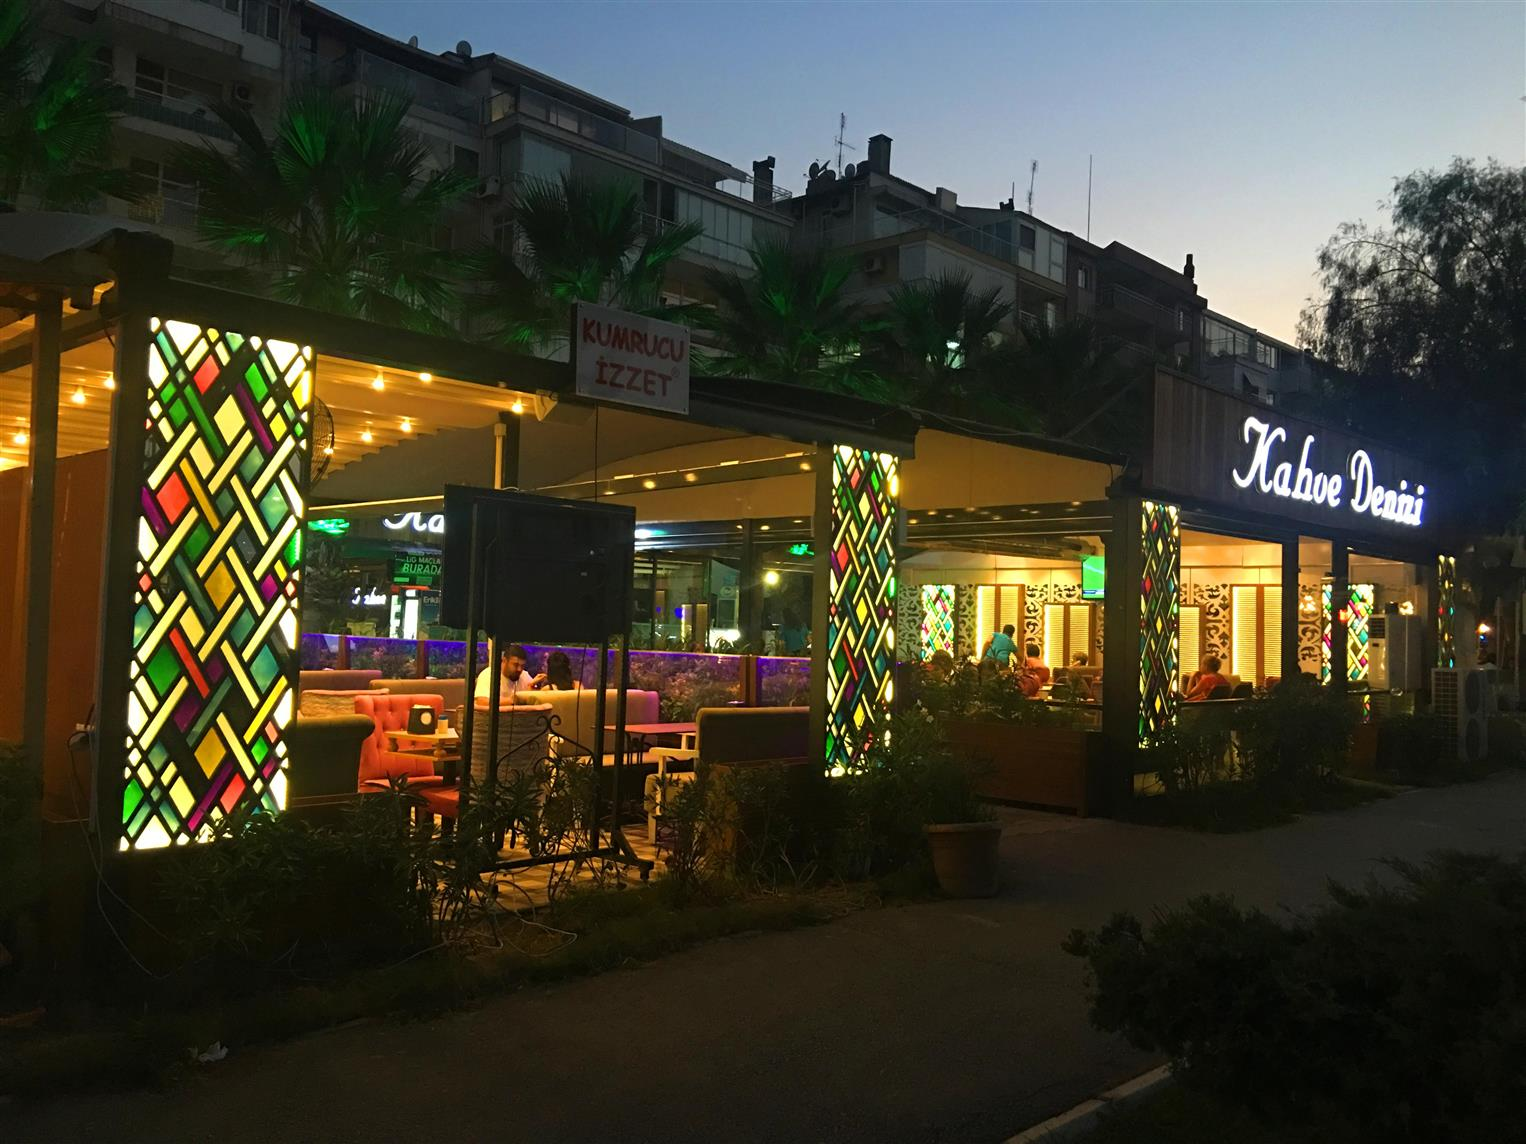 kahve-denizi-cafe-restaurant2017122118444447.jpg izmir vitray çalışması